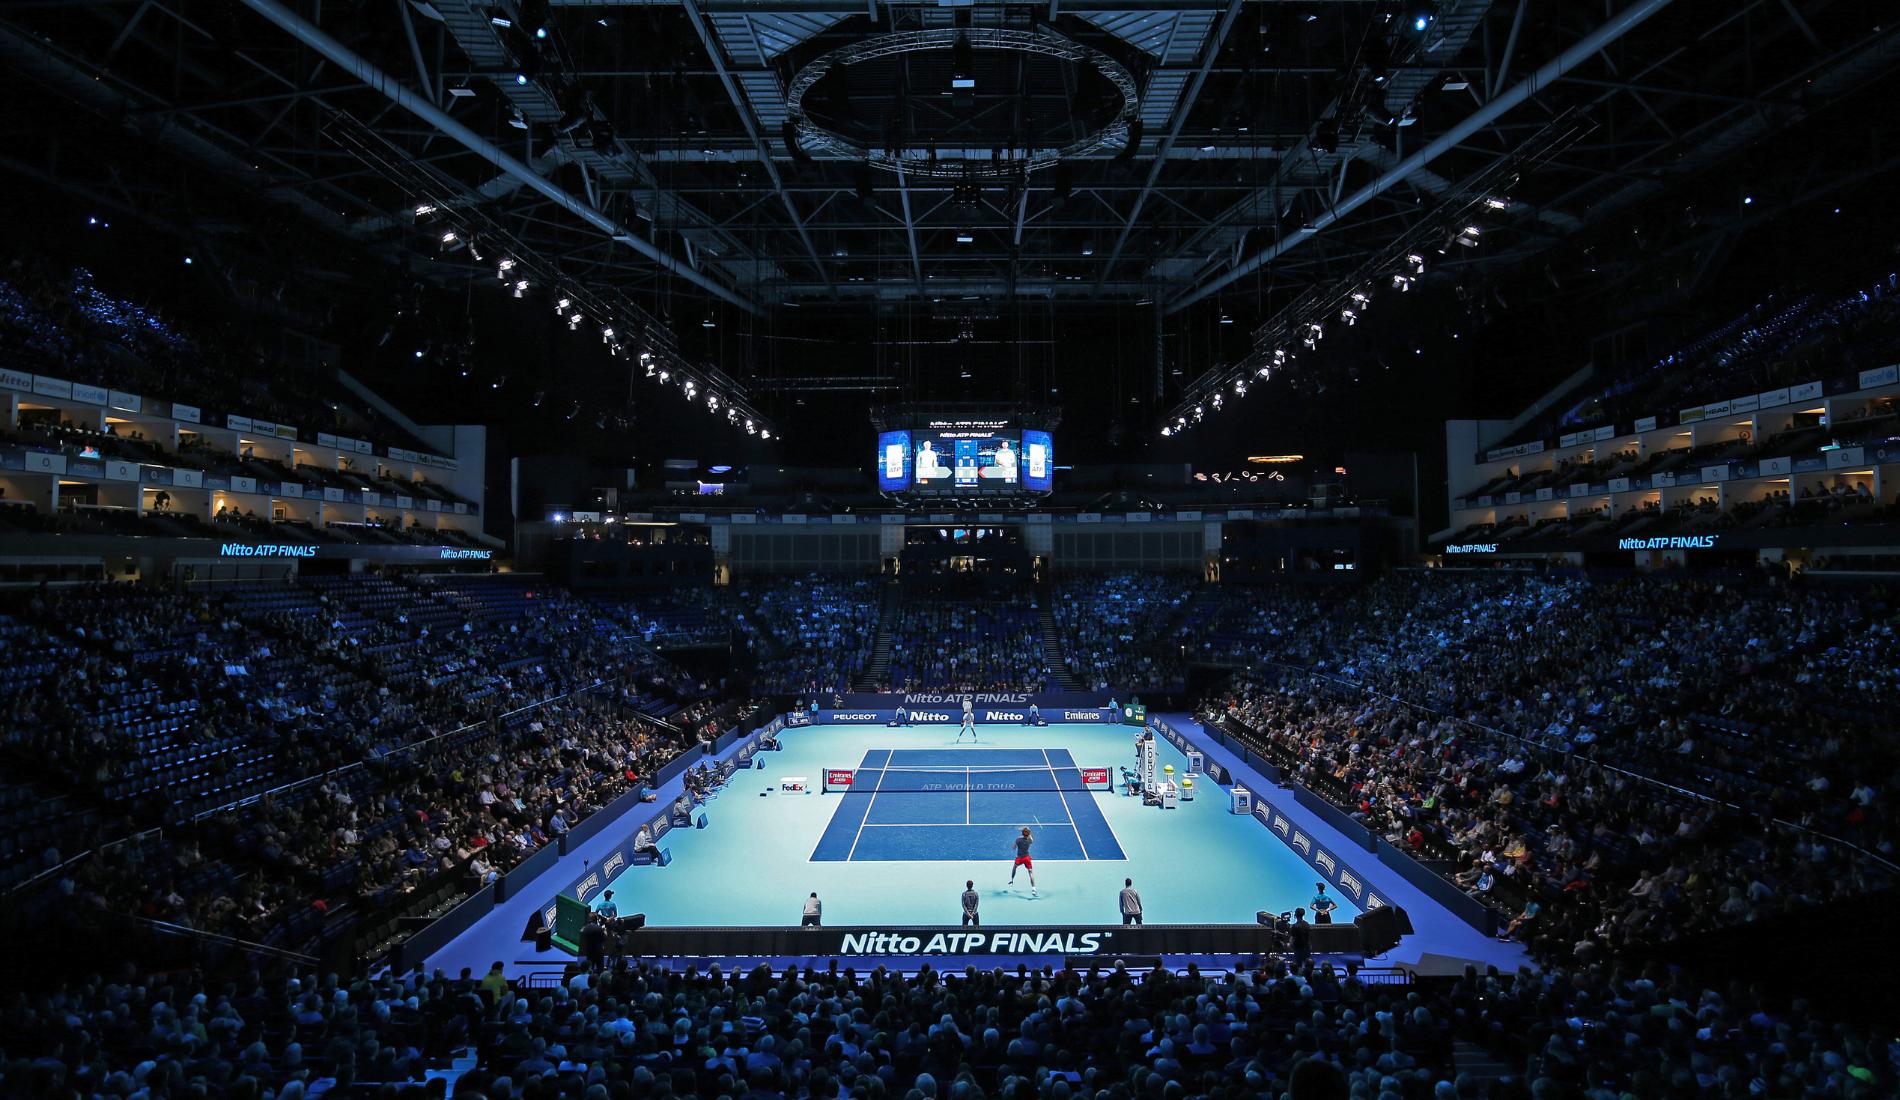 Nitto ATP Finales 2019